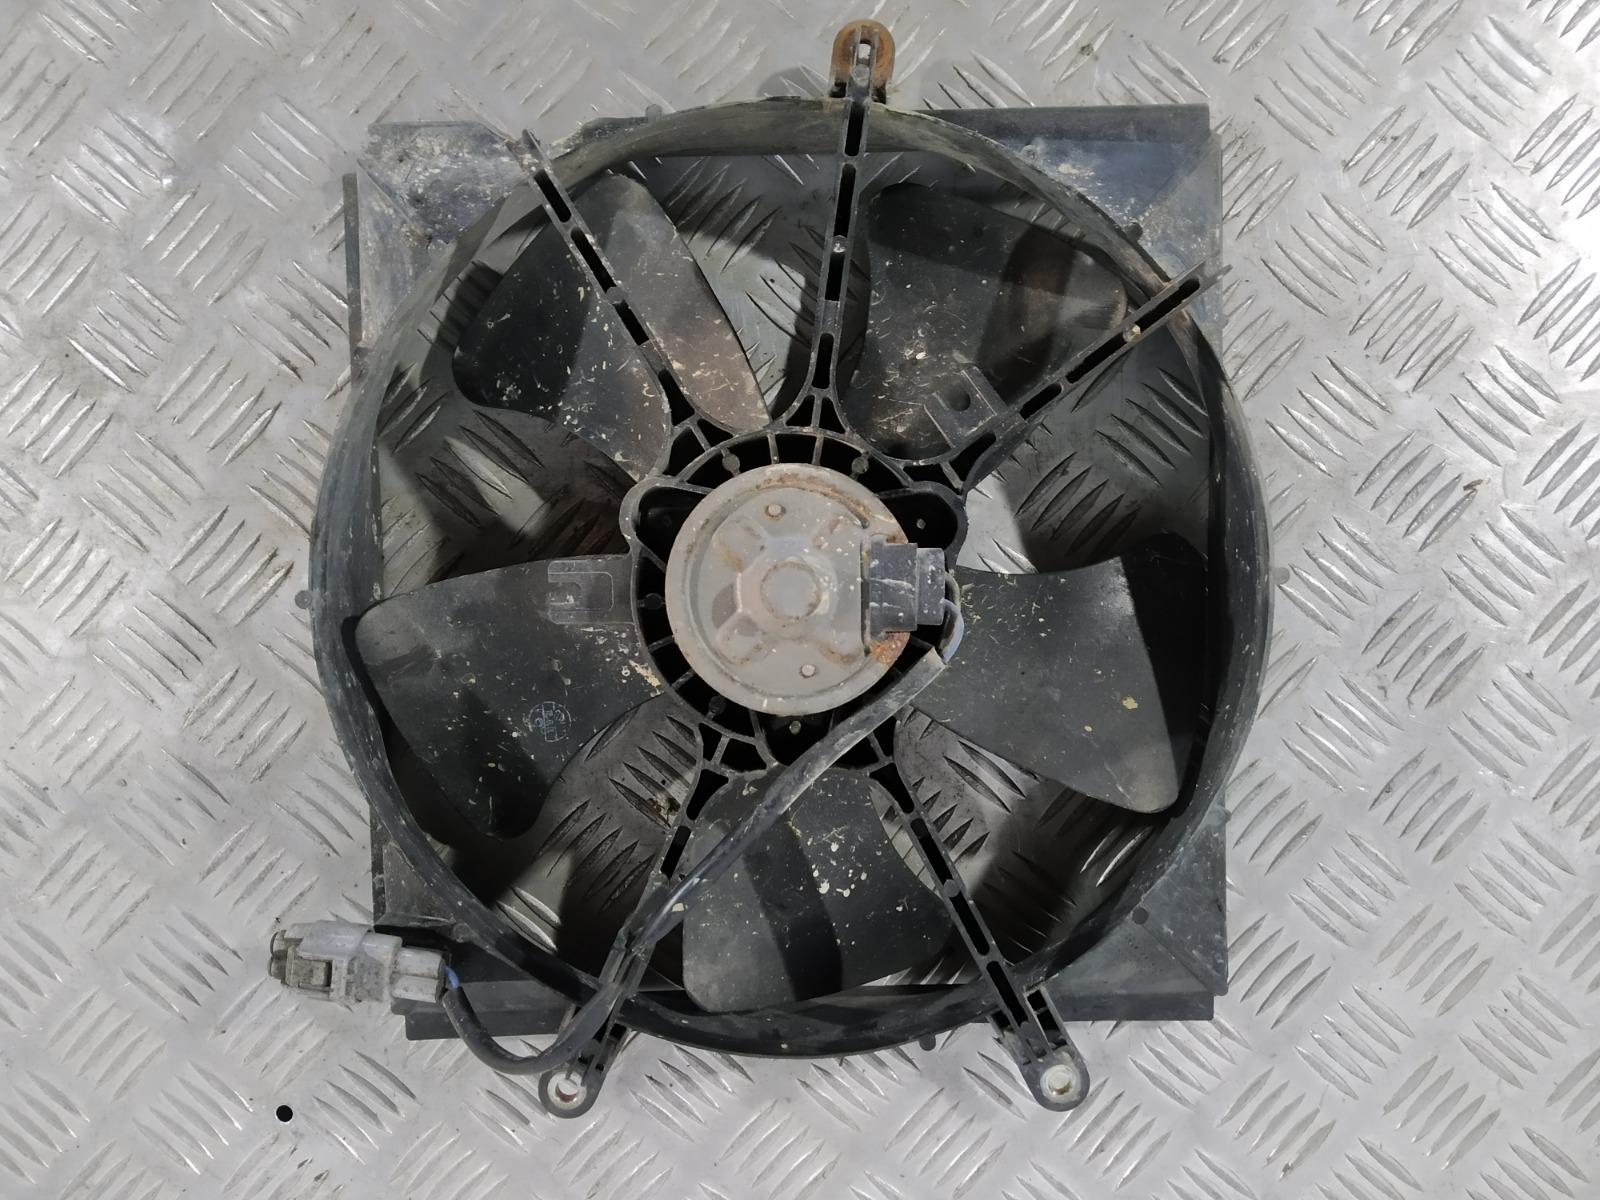 Вентилятор радиатора Toyota Avensis 1.8 I 2001 (б/у)